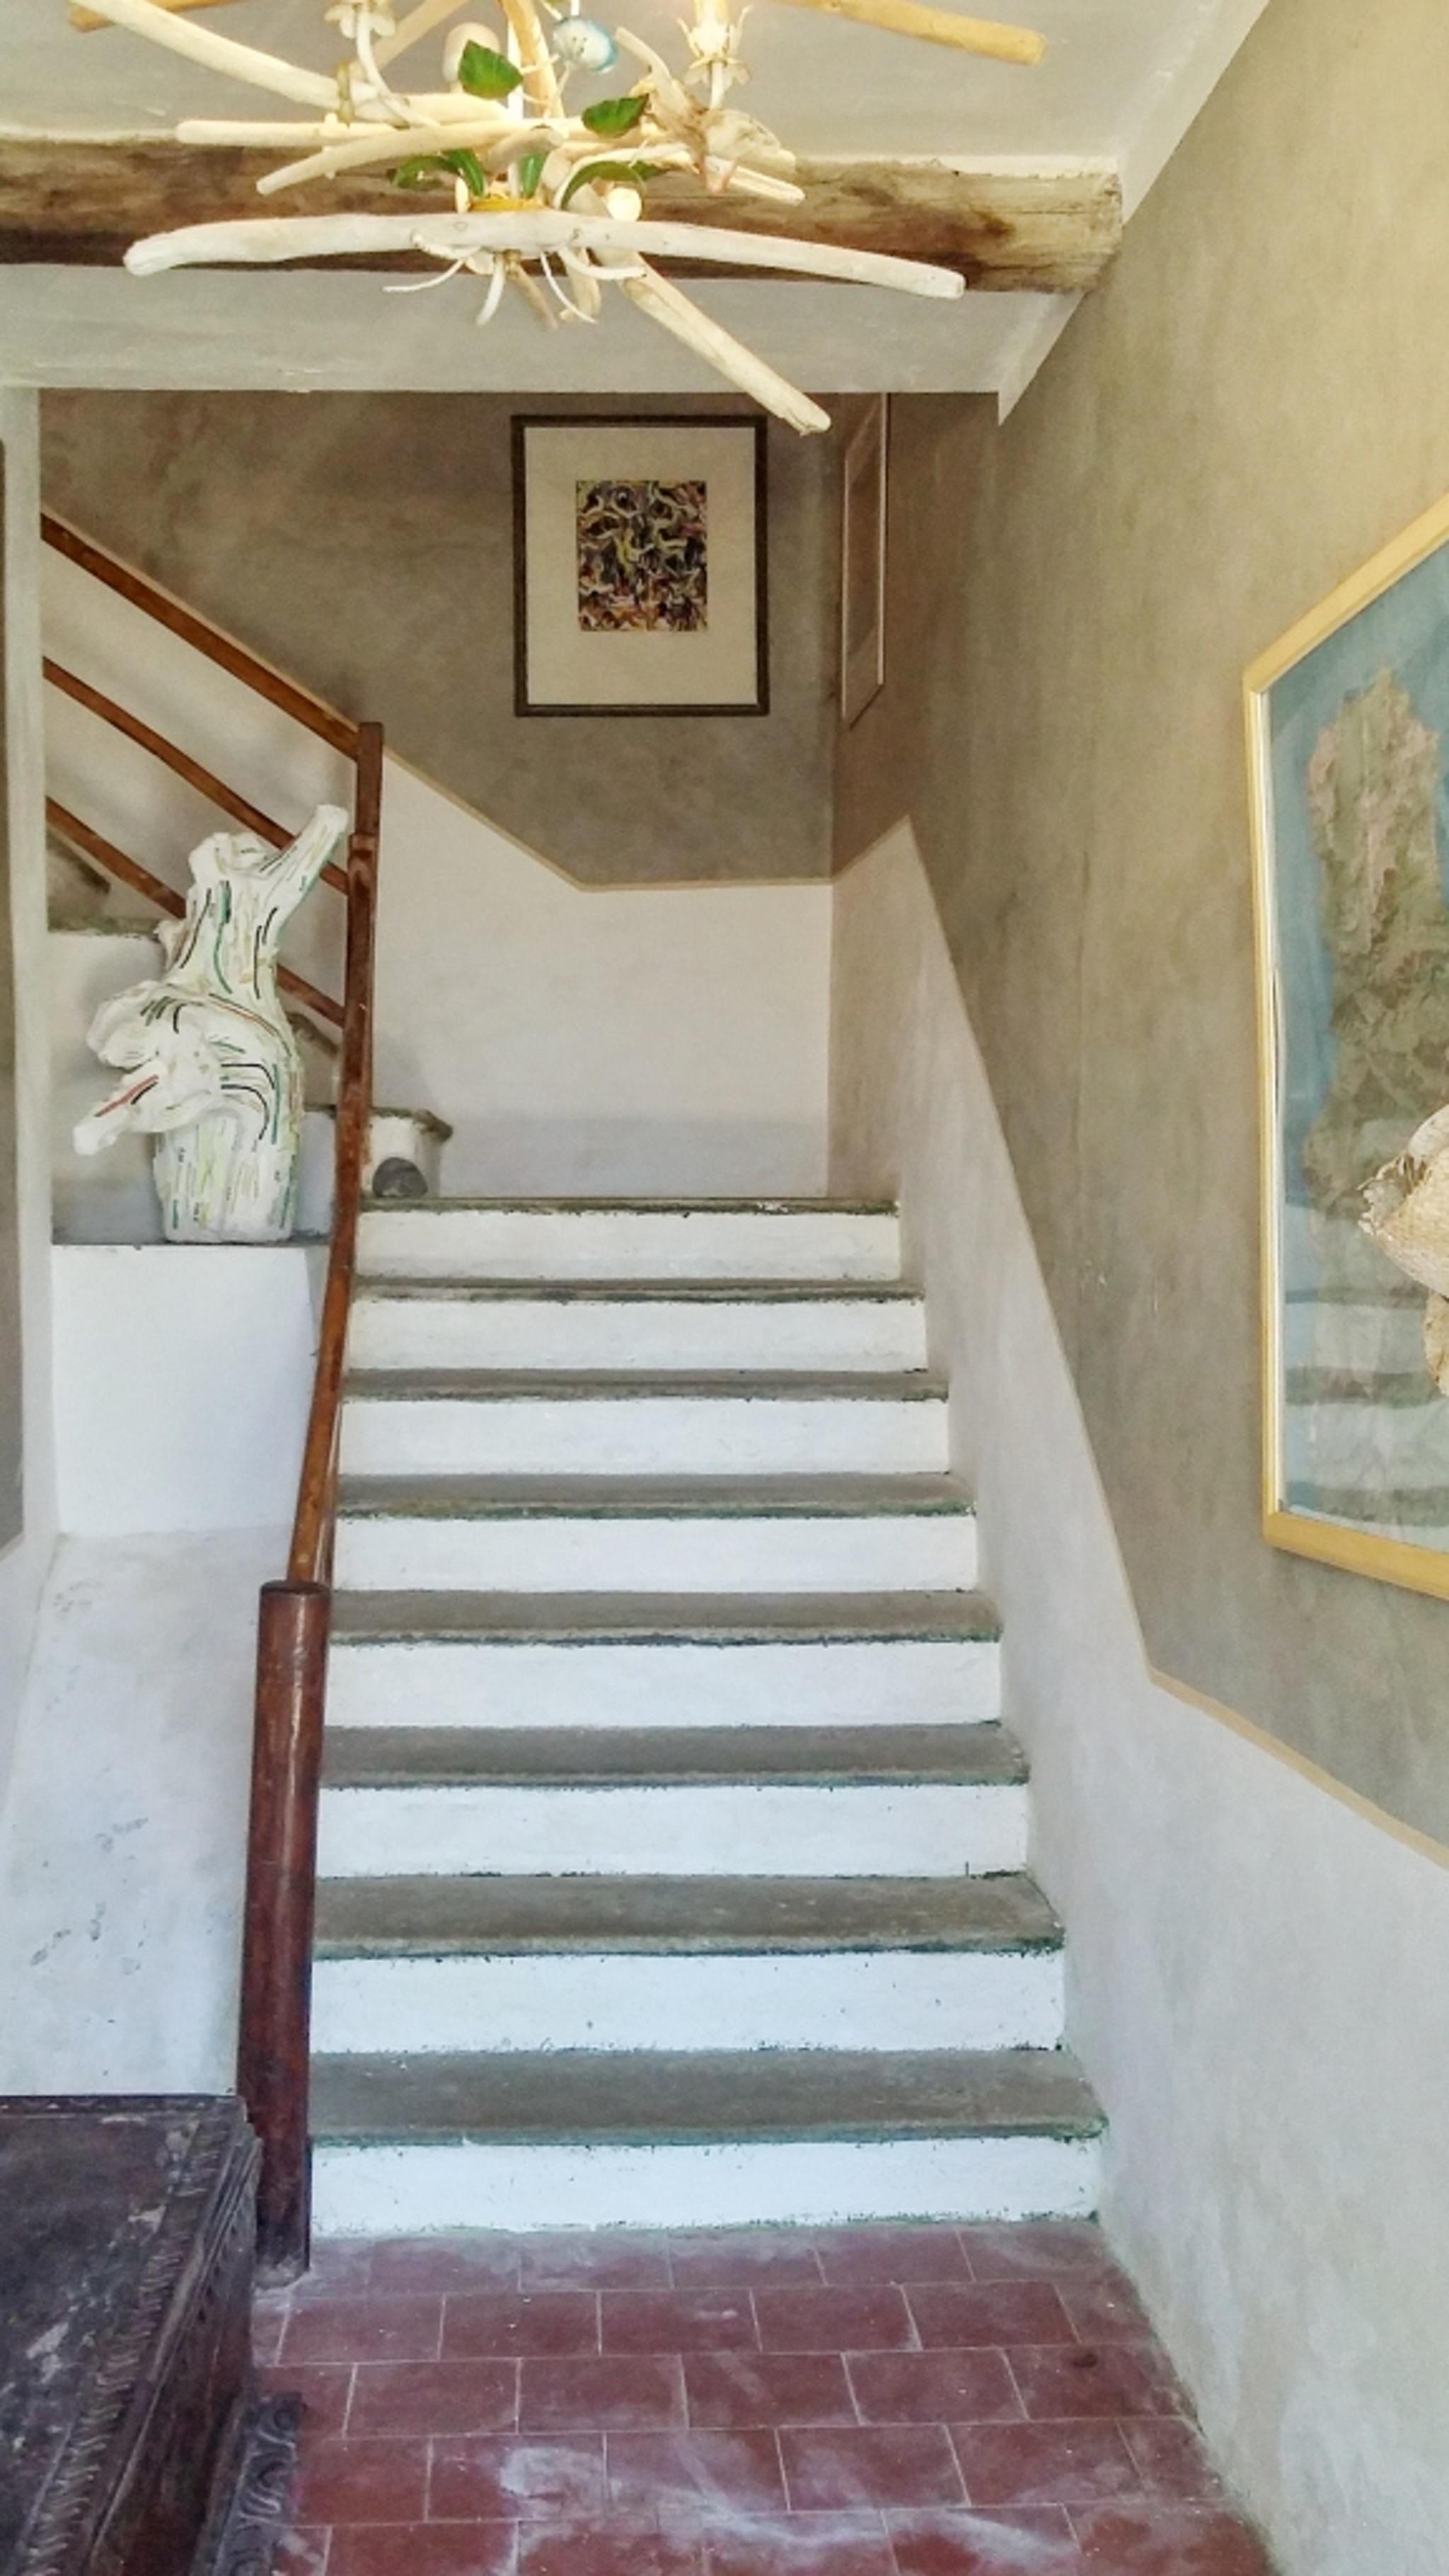 Maison de vacances Herrliches Haus mit neun Schlafzimmern und grandiosem Blick aufs Meer im hübschen Dörfchen (2202571), Centuri, Haute-Corse, Corse, France, image 13